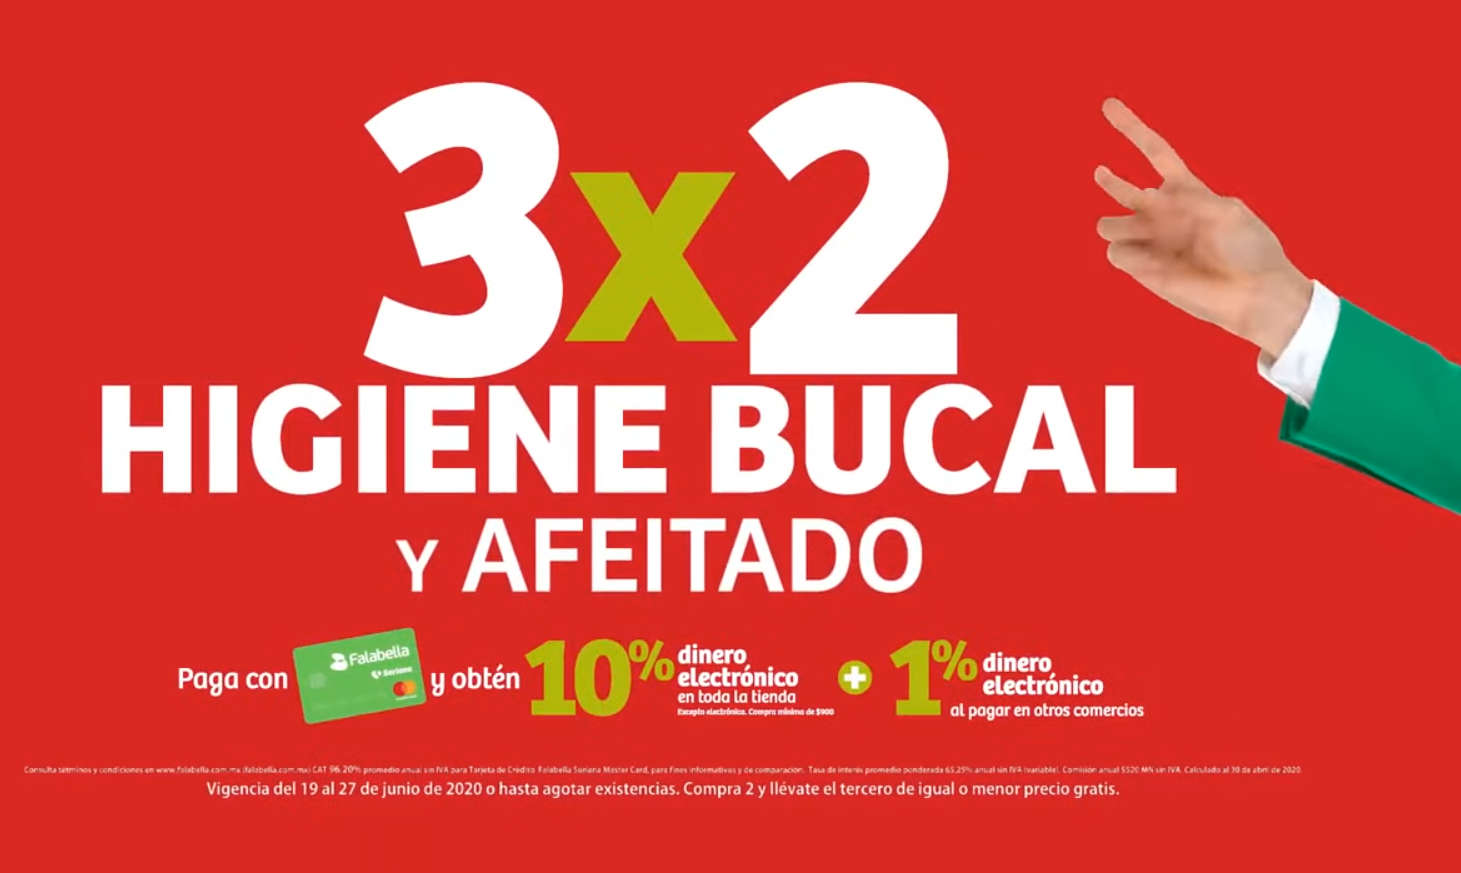 Julio Regalado 2020: 3×2 en Todo Higiene Bucal y Afeitado